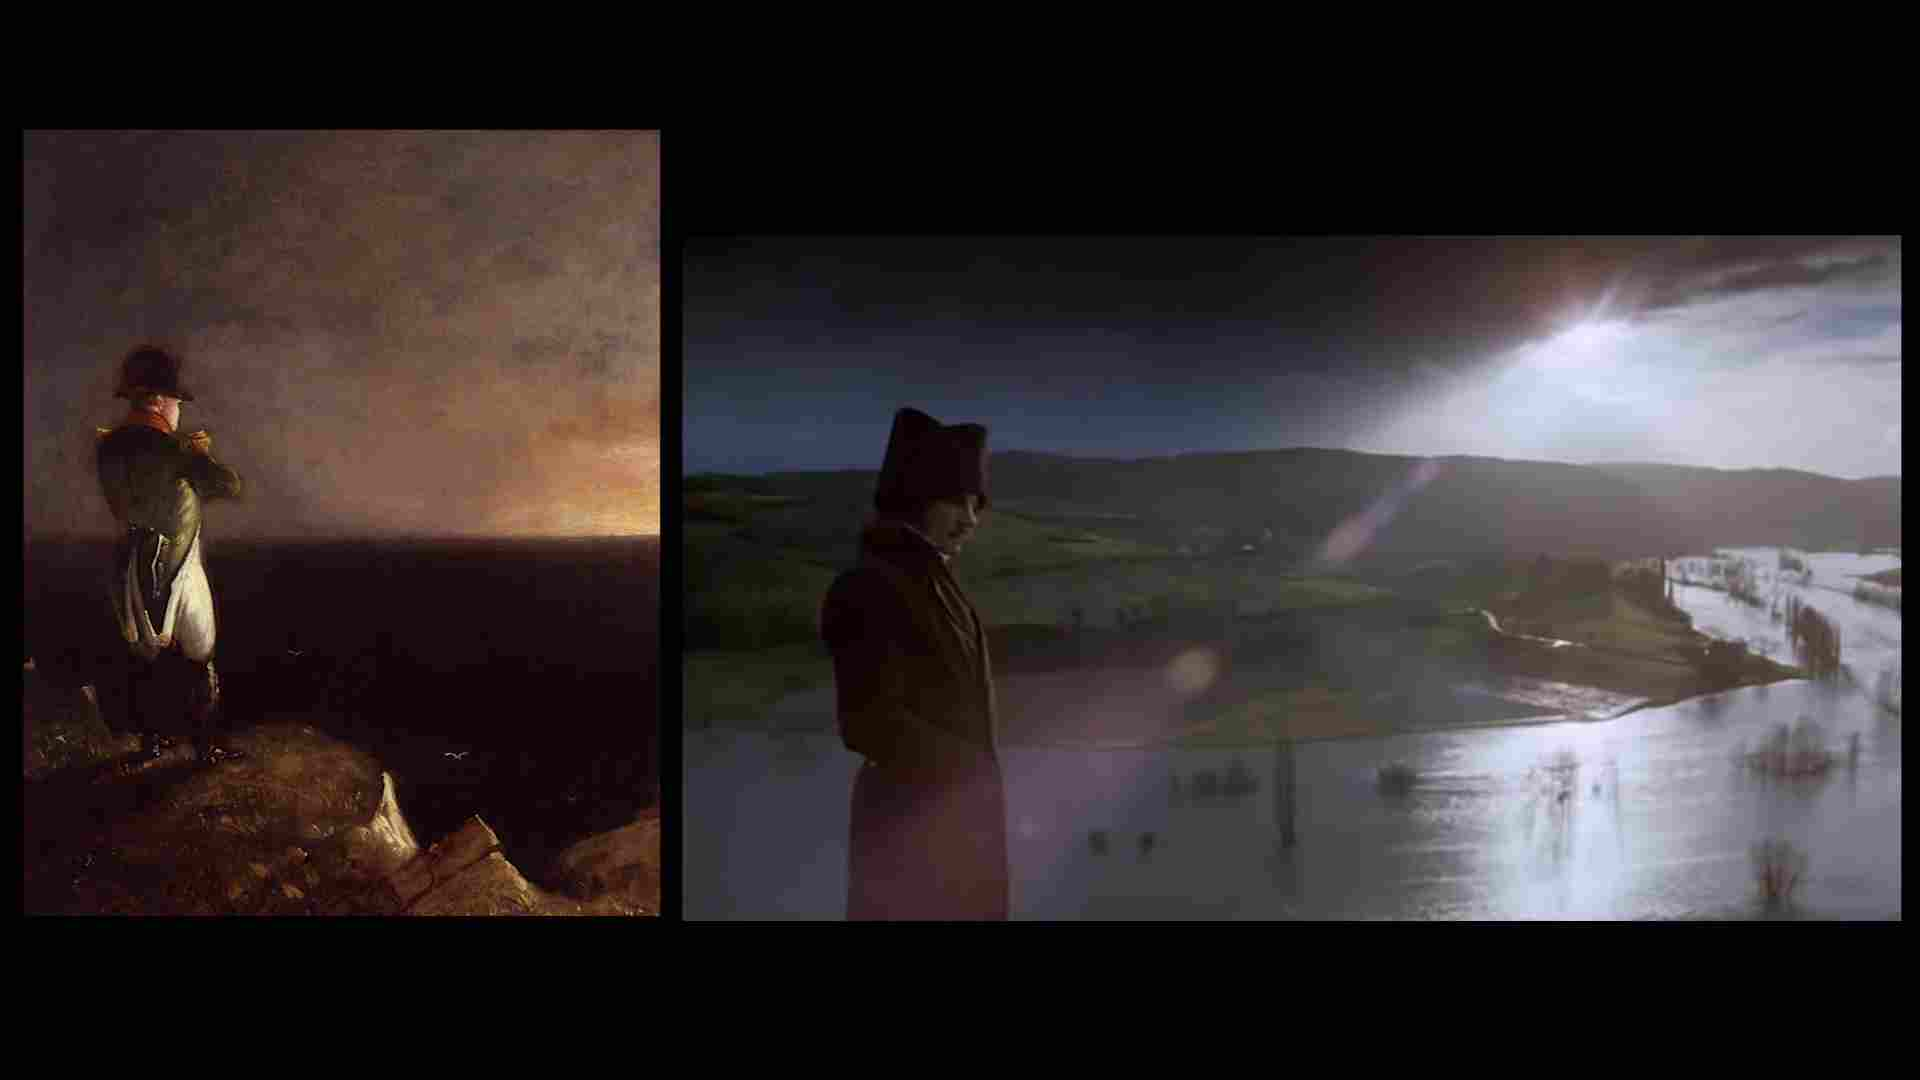 film-meets-art-the-duelist